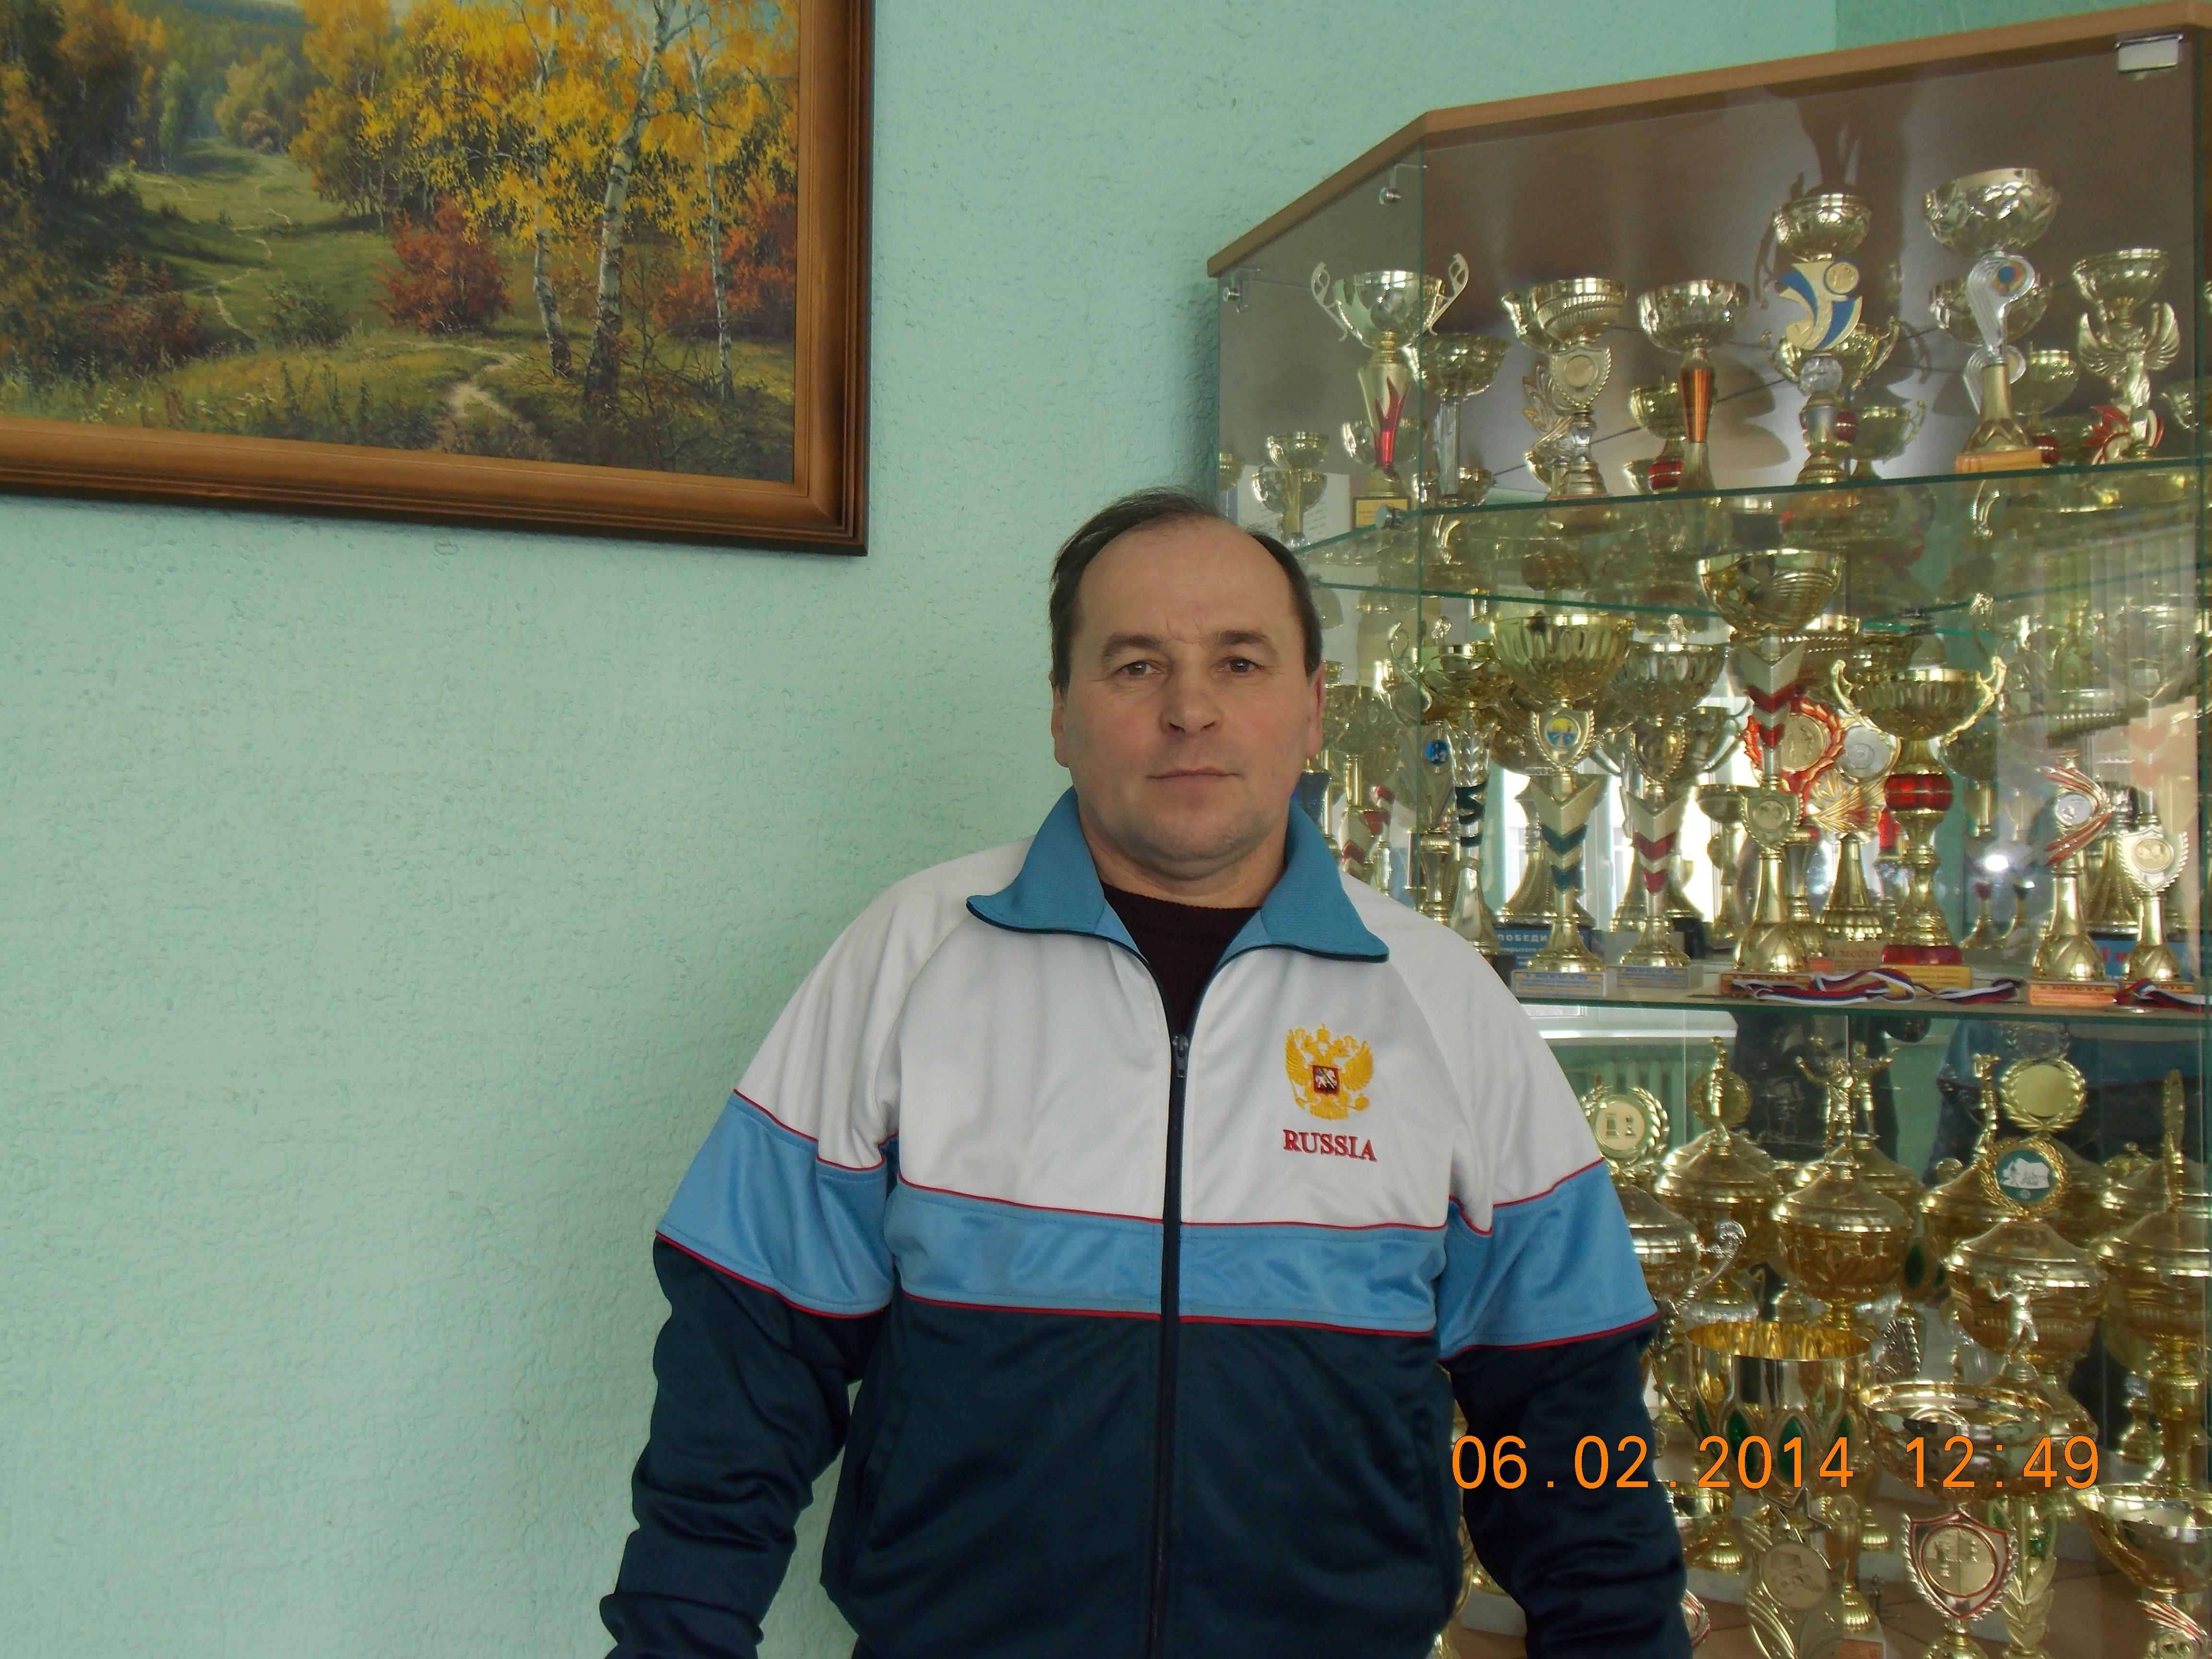 http://privolnoesosh.ucoz.ru/kazancev.jpg